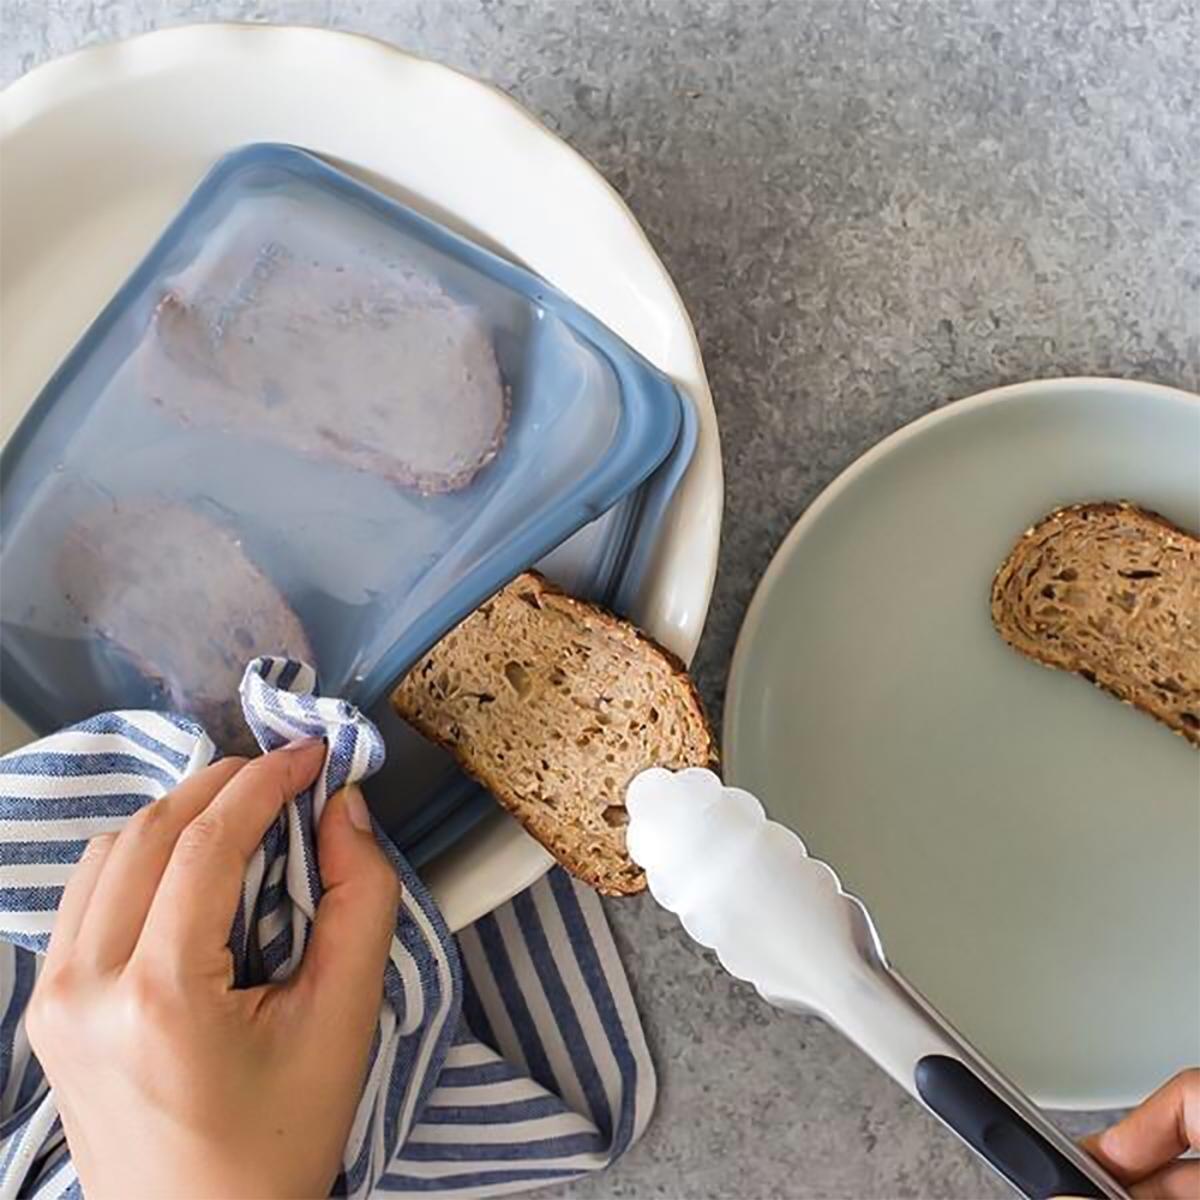 3000回加熱・冷凍できる密閉シリコンバッグ|パンを入れて冷凍、そのままオーブンで焼けた!